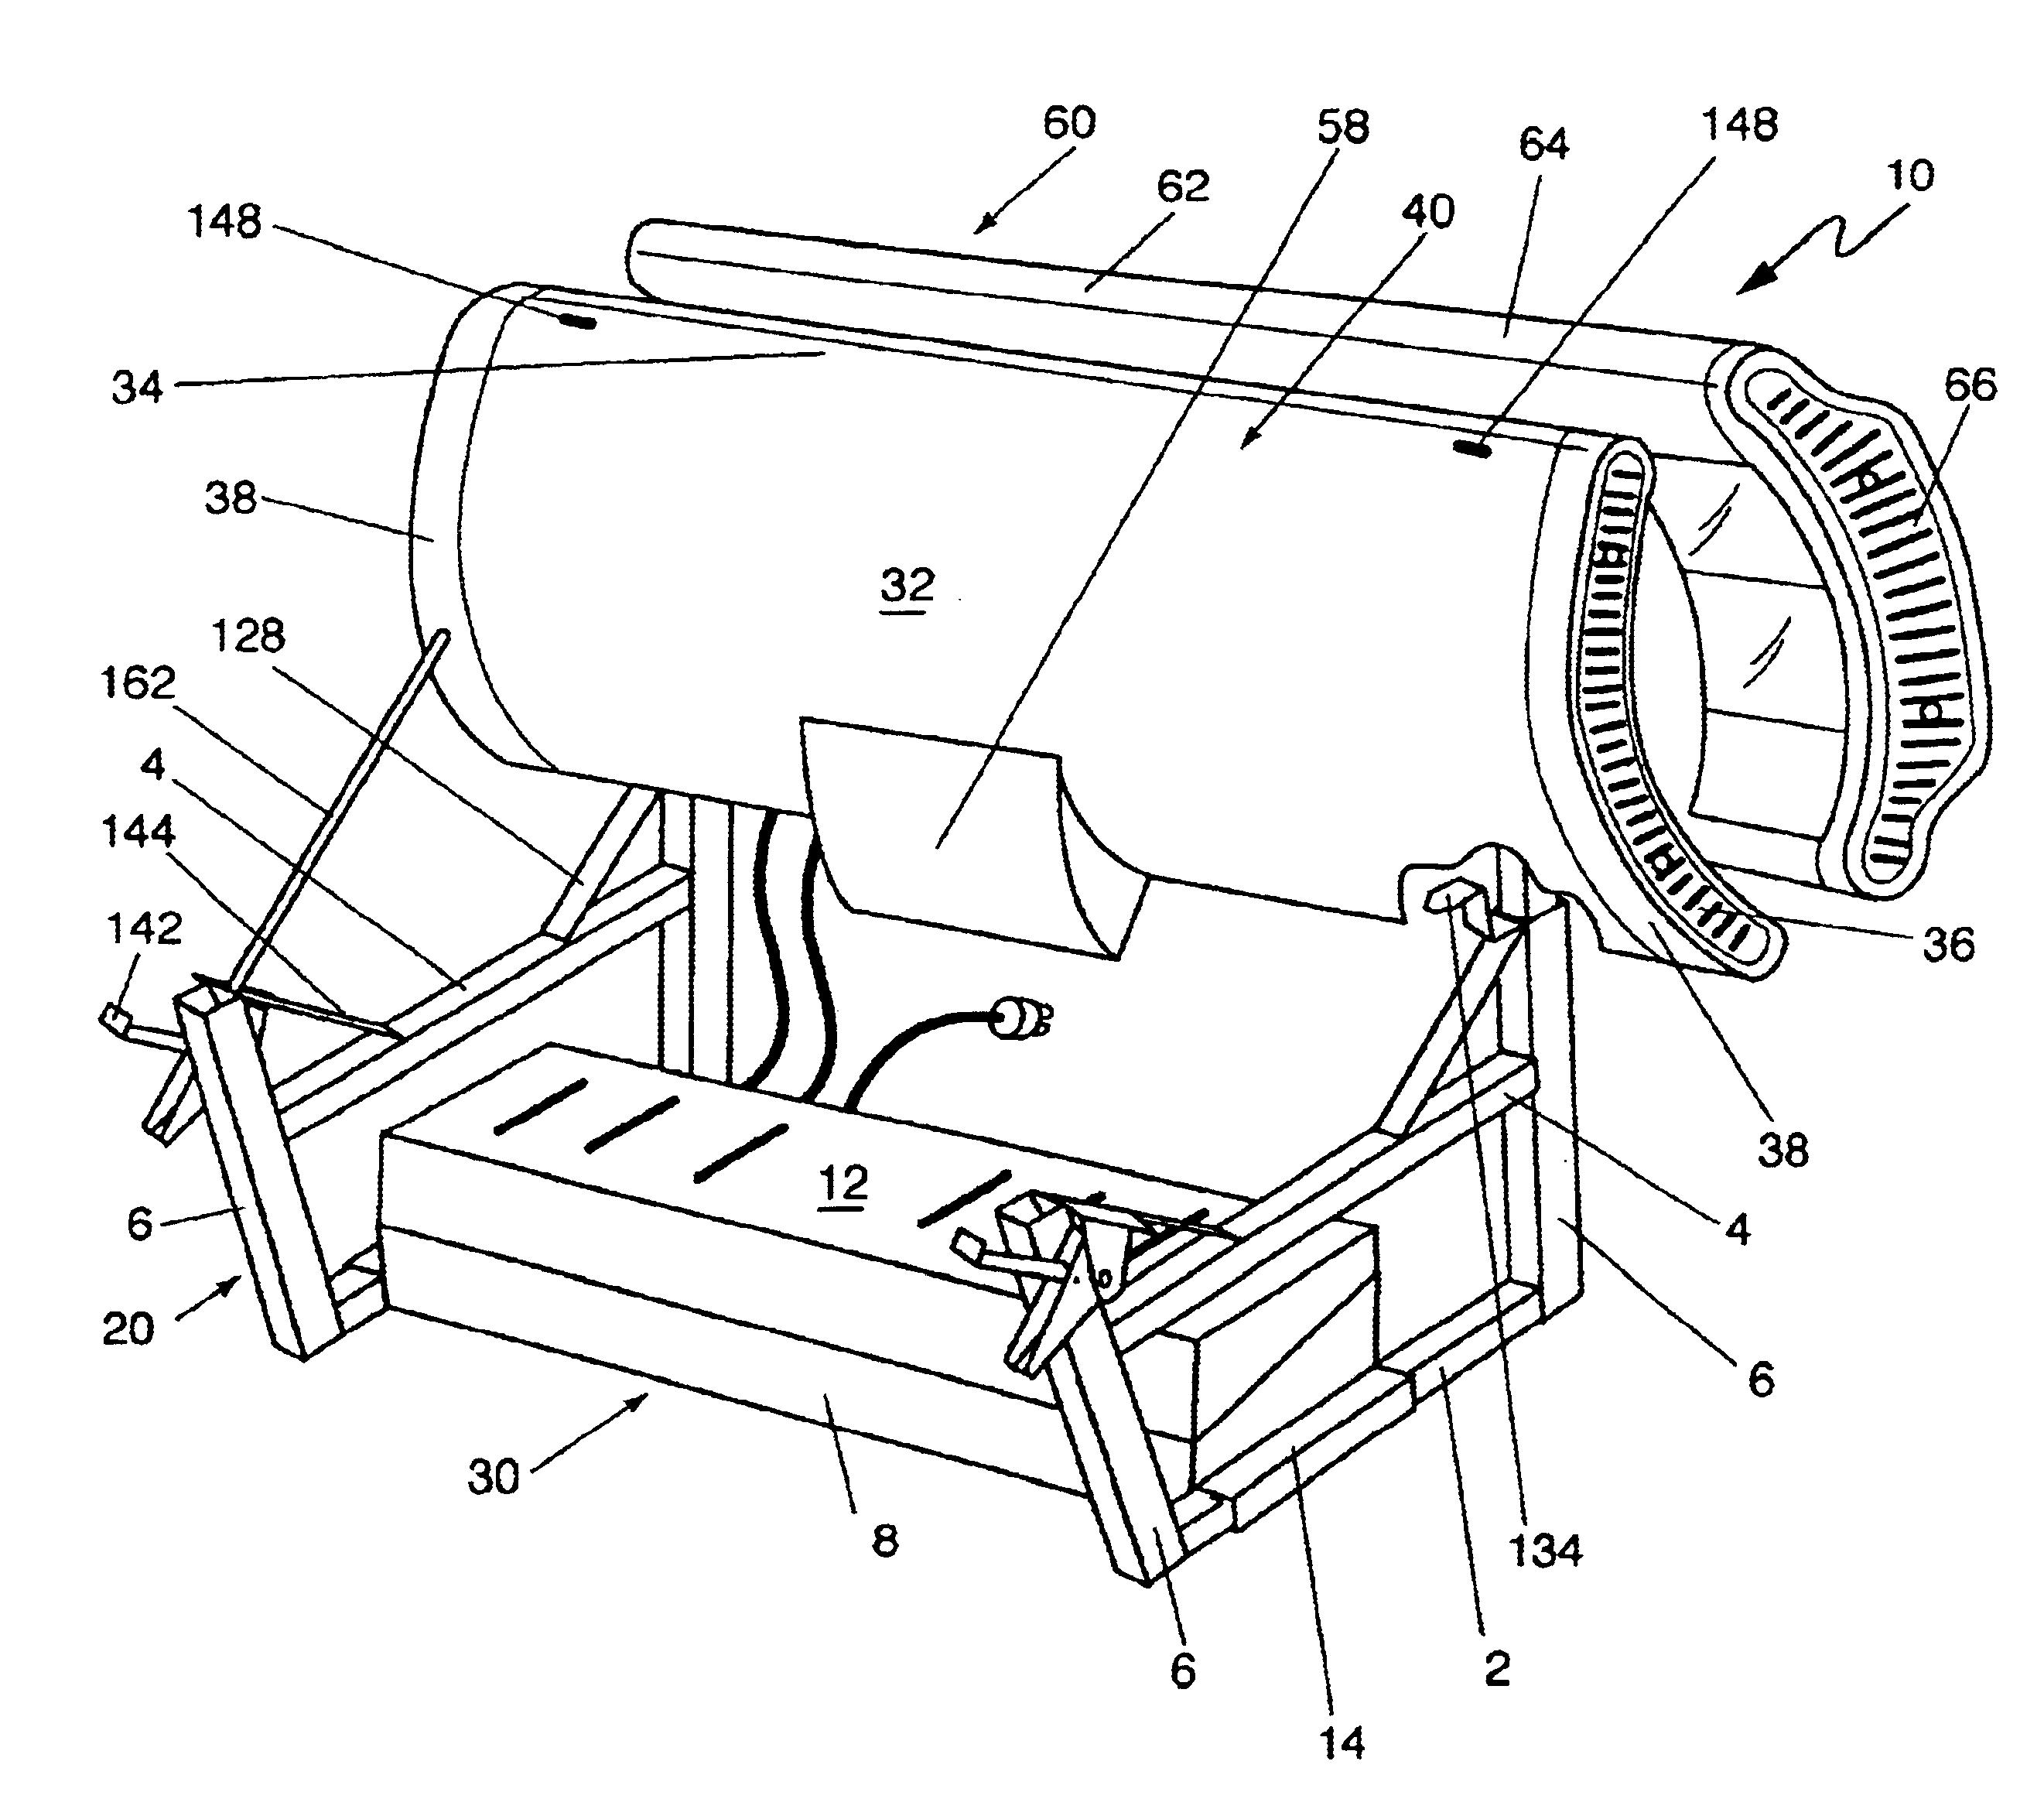 A 10 Wire Ballast Wiring